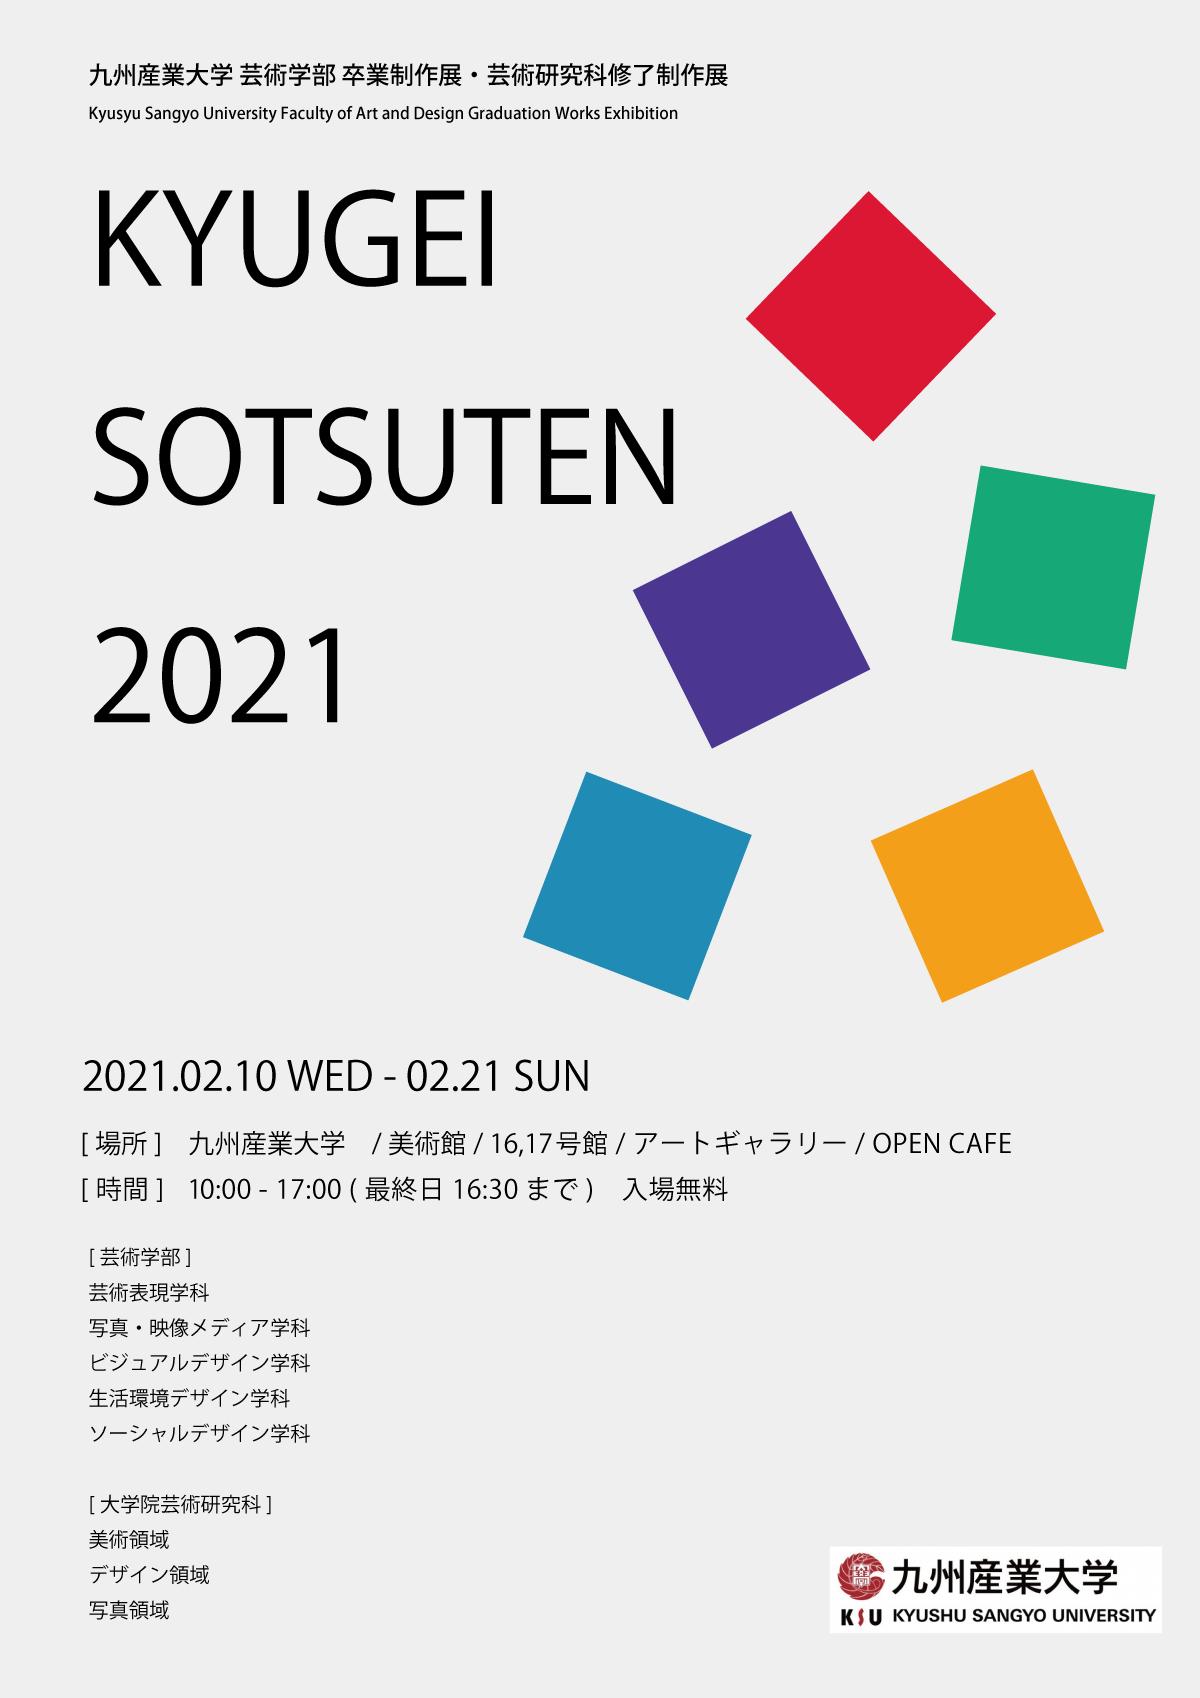 Kohei_SOTSUTEN2021.png